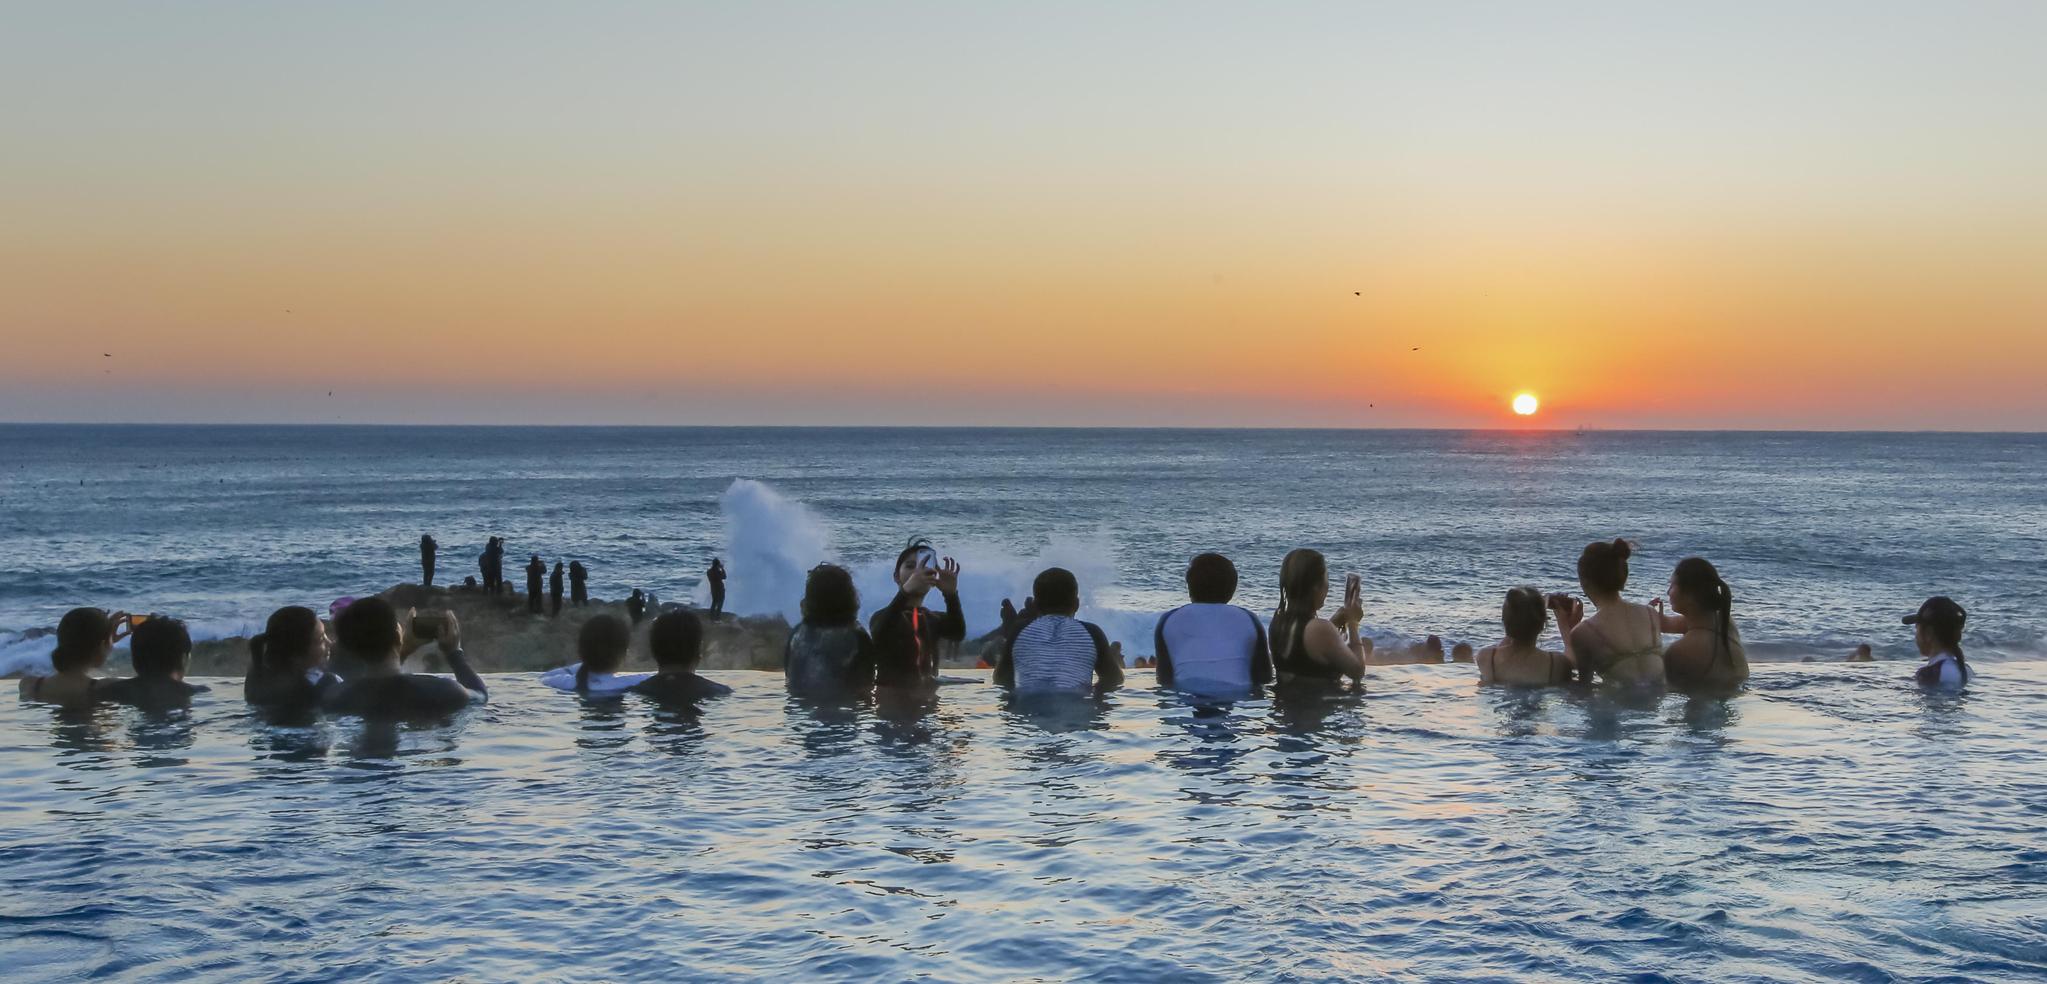 부산 기장에 위치한 아난티 코브에서 시민들이 2018년 새해를 맞아 온천욕을 하면서 아름다운 새해 일출을 보고 있다.[사진 아난티코브]